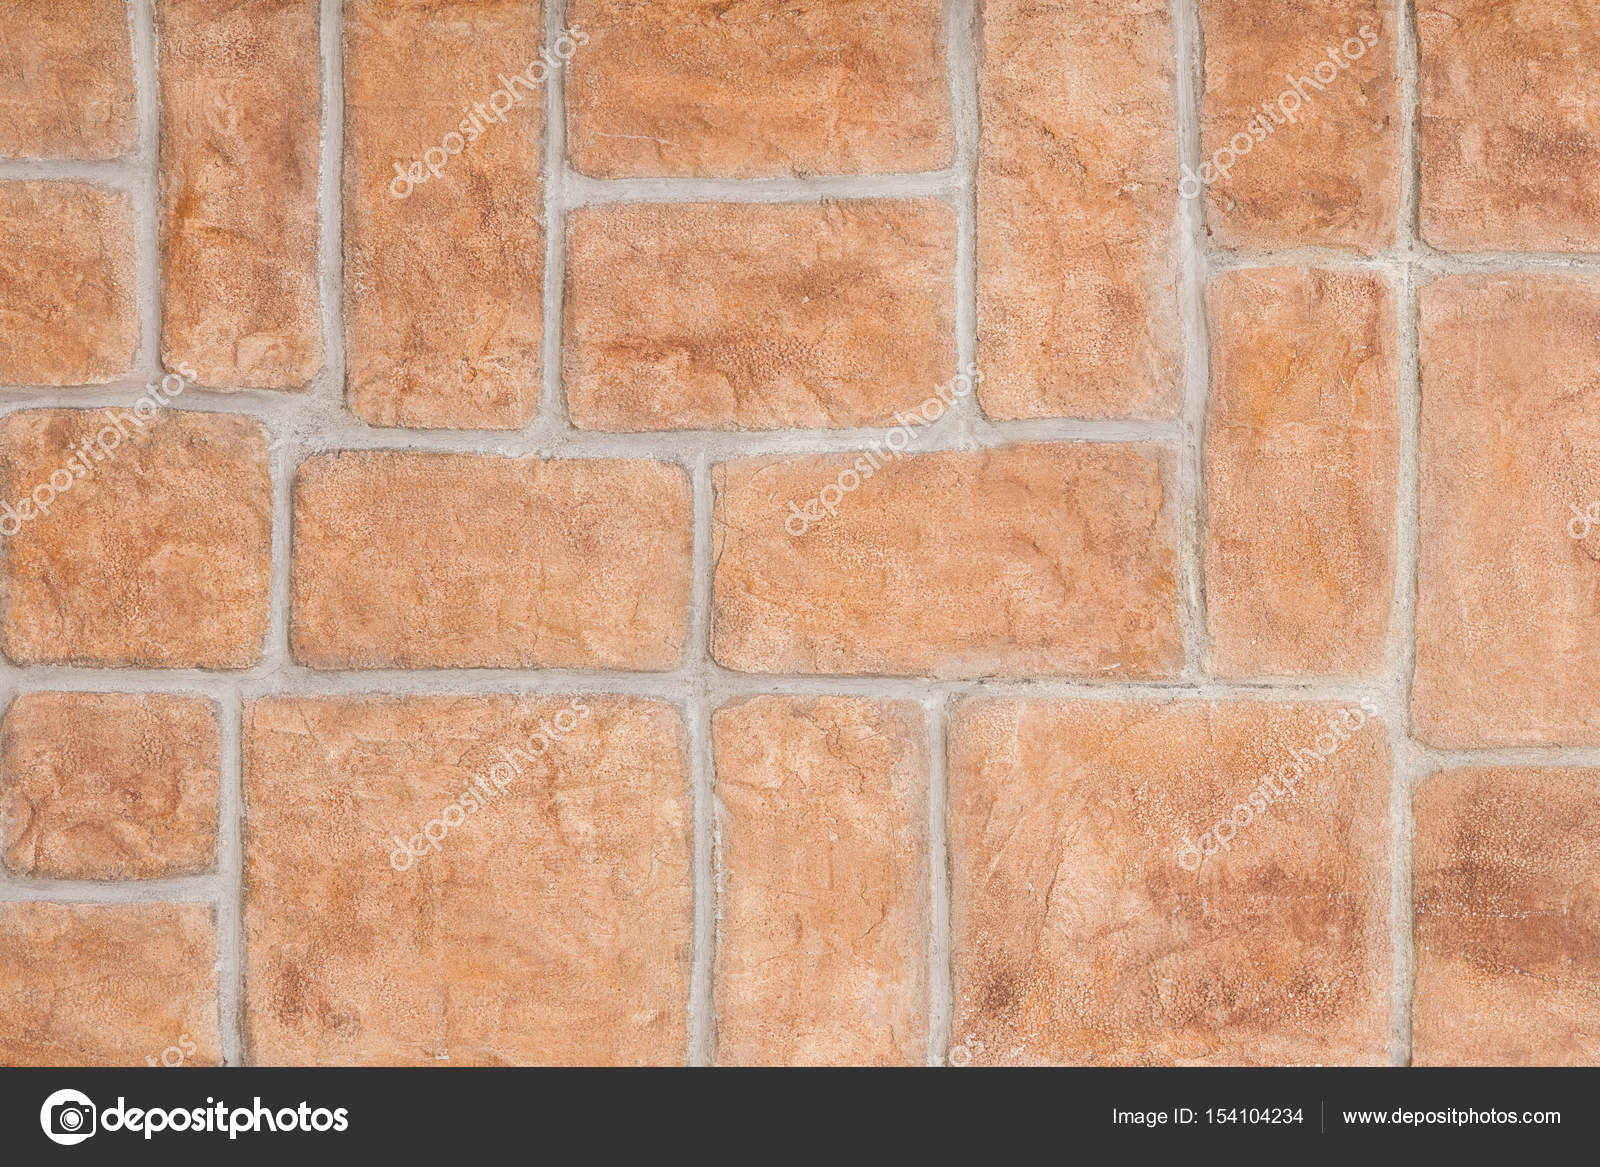 fondo de pared de ladrillo rojo textura de ladrillos On ladrillos falsos decorativos